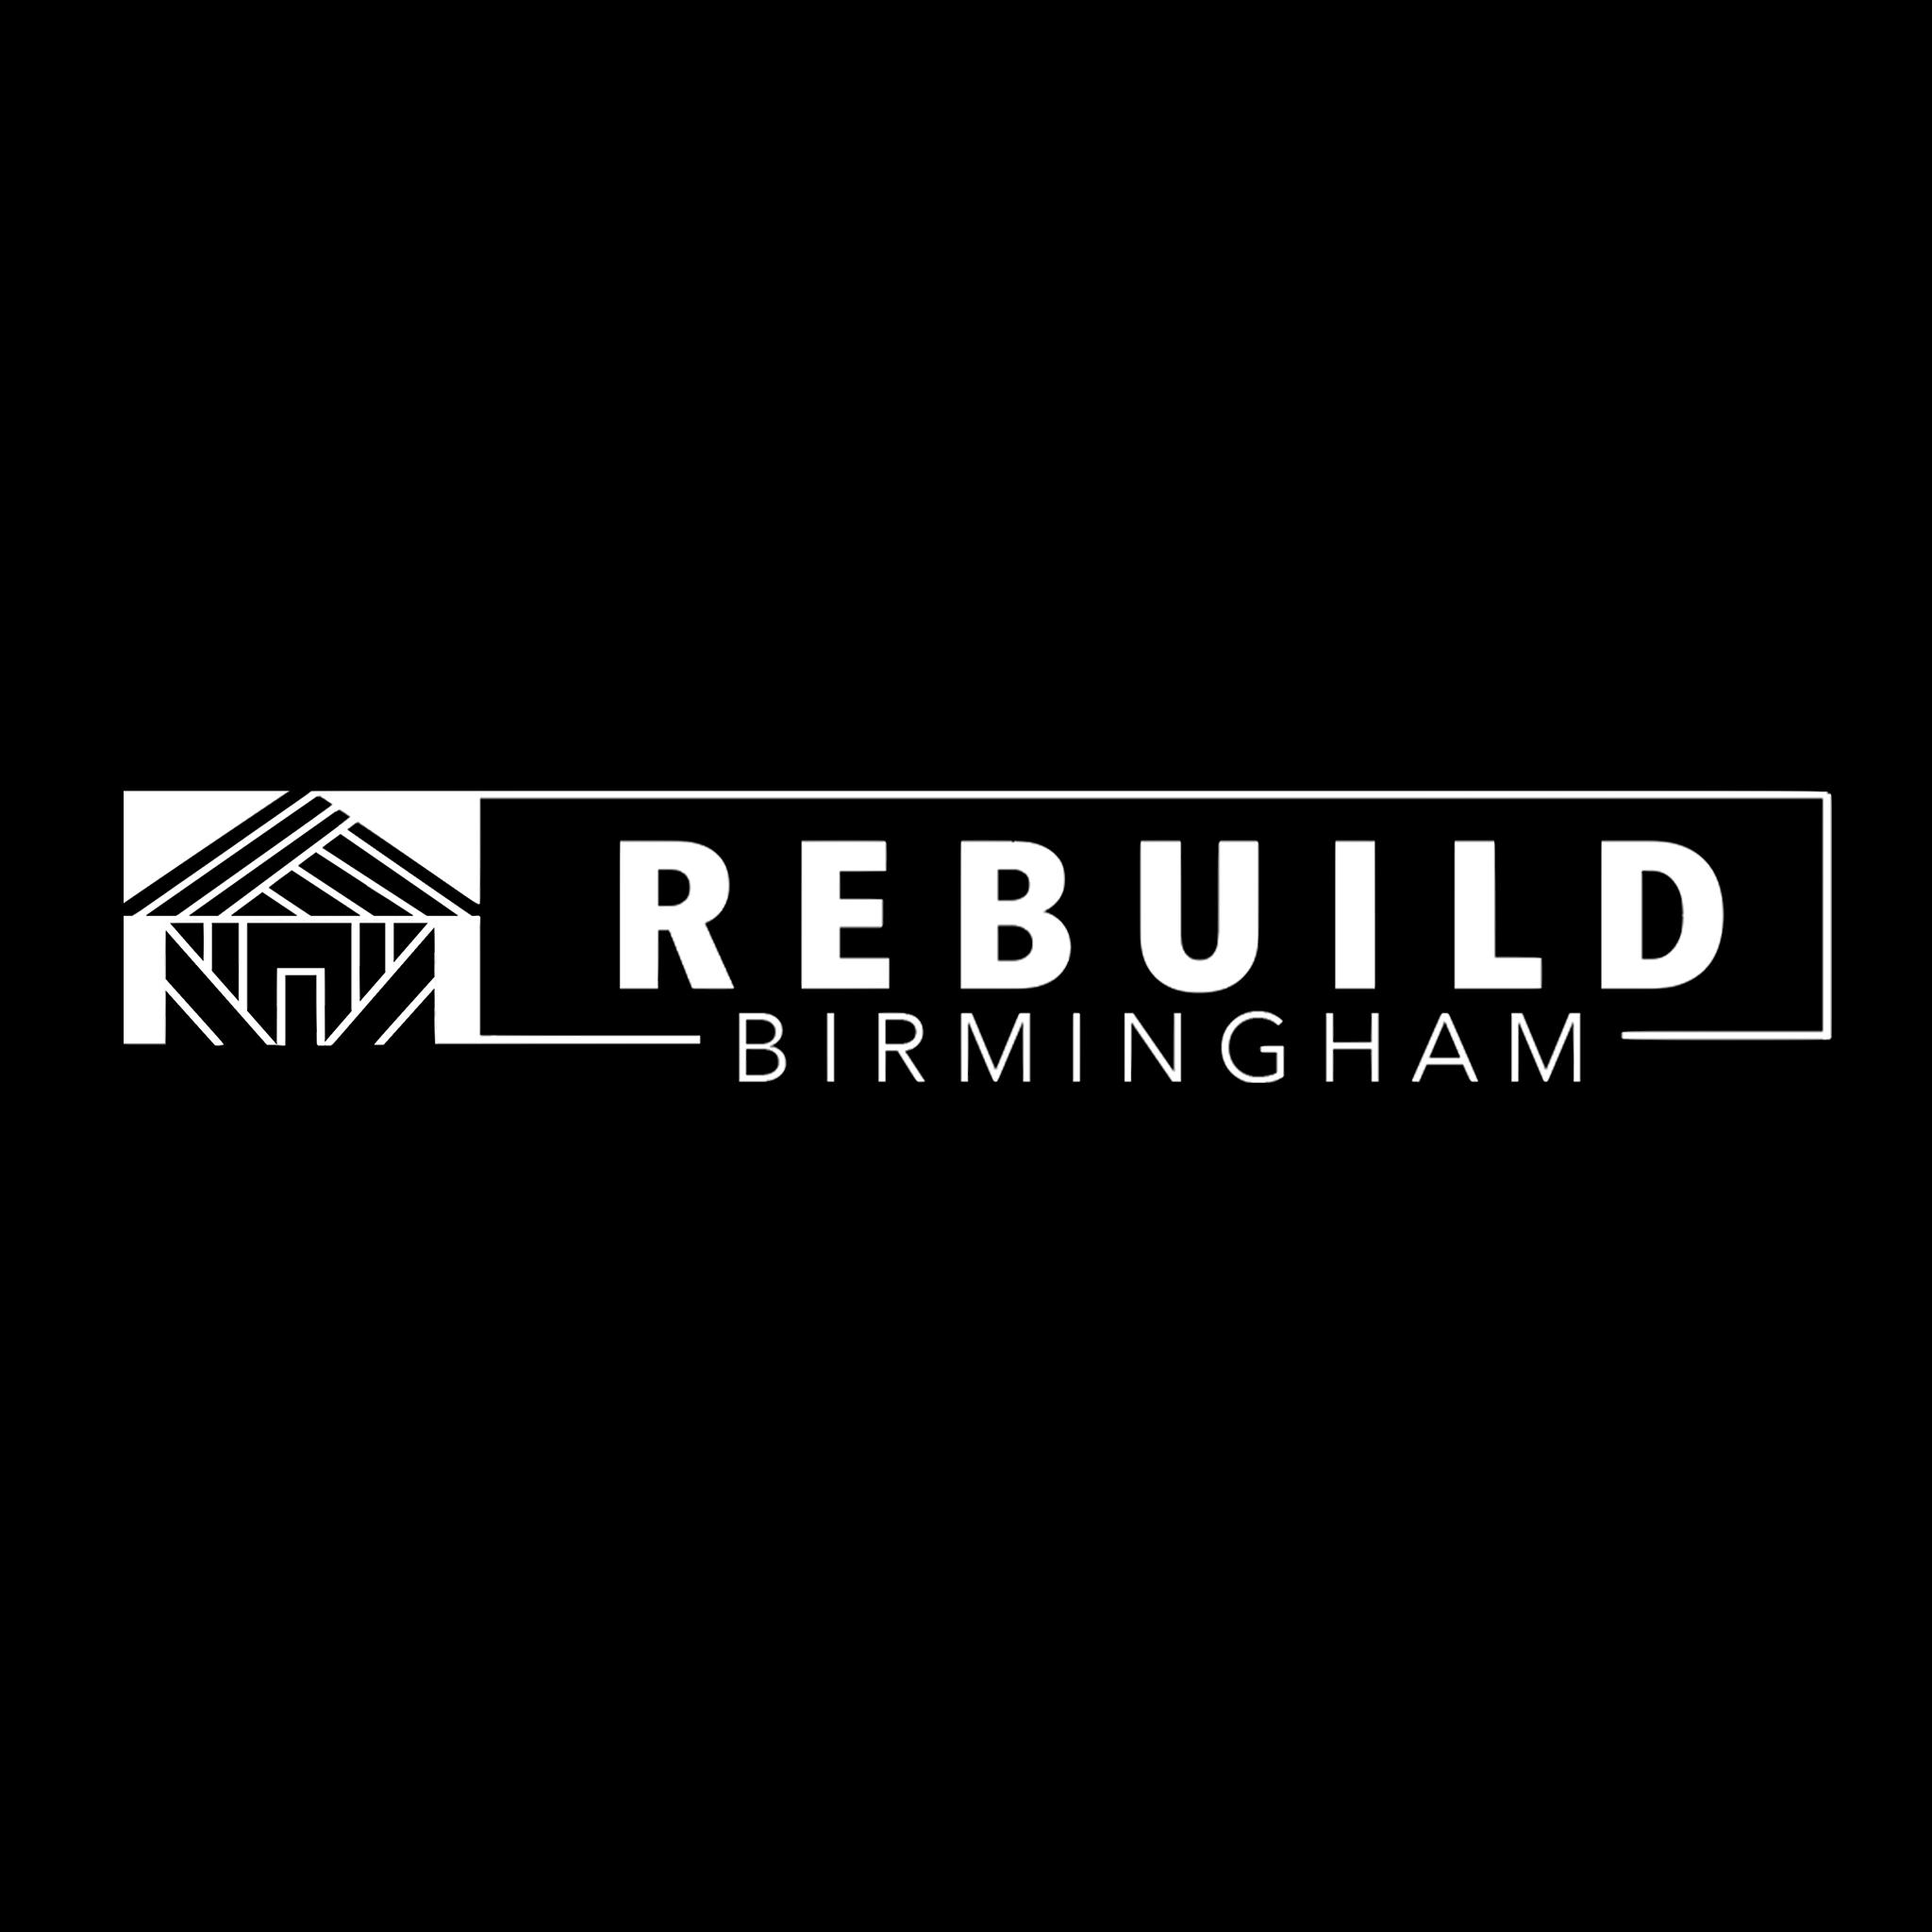 rebuild.png